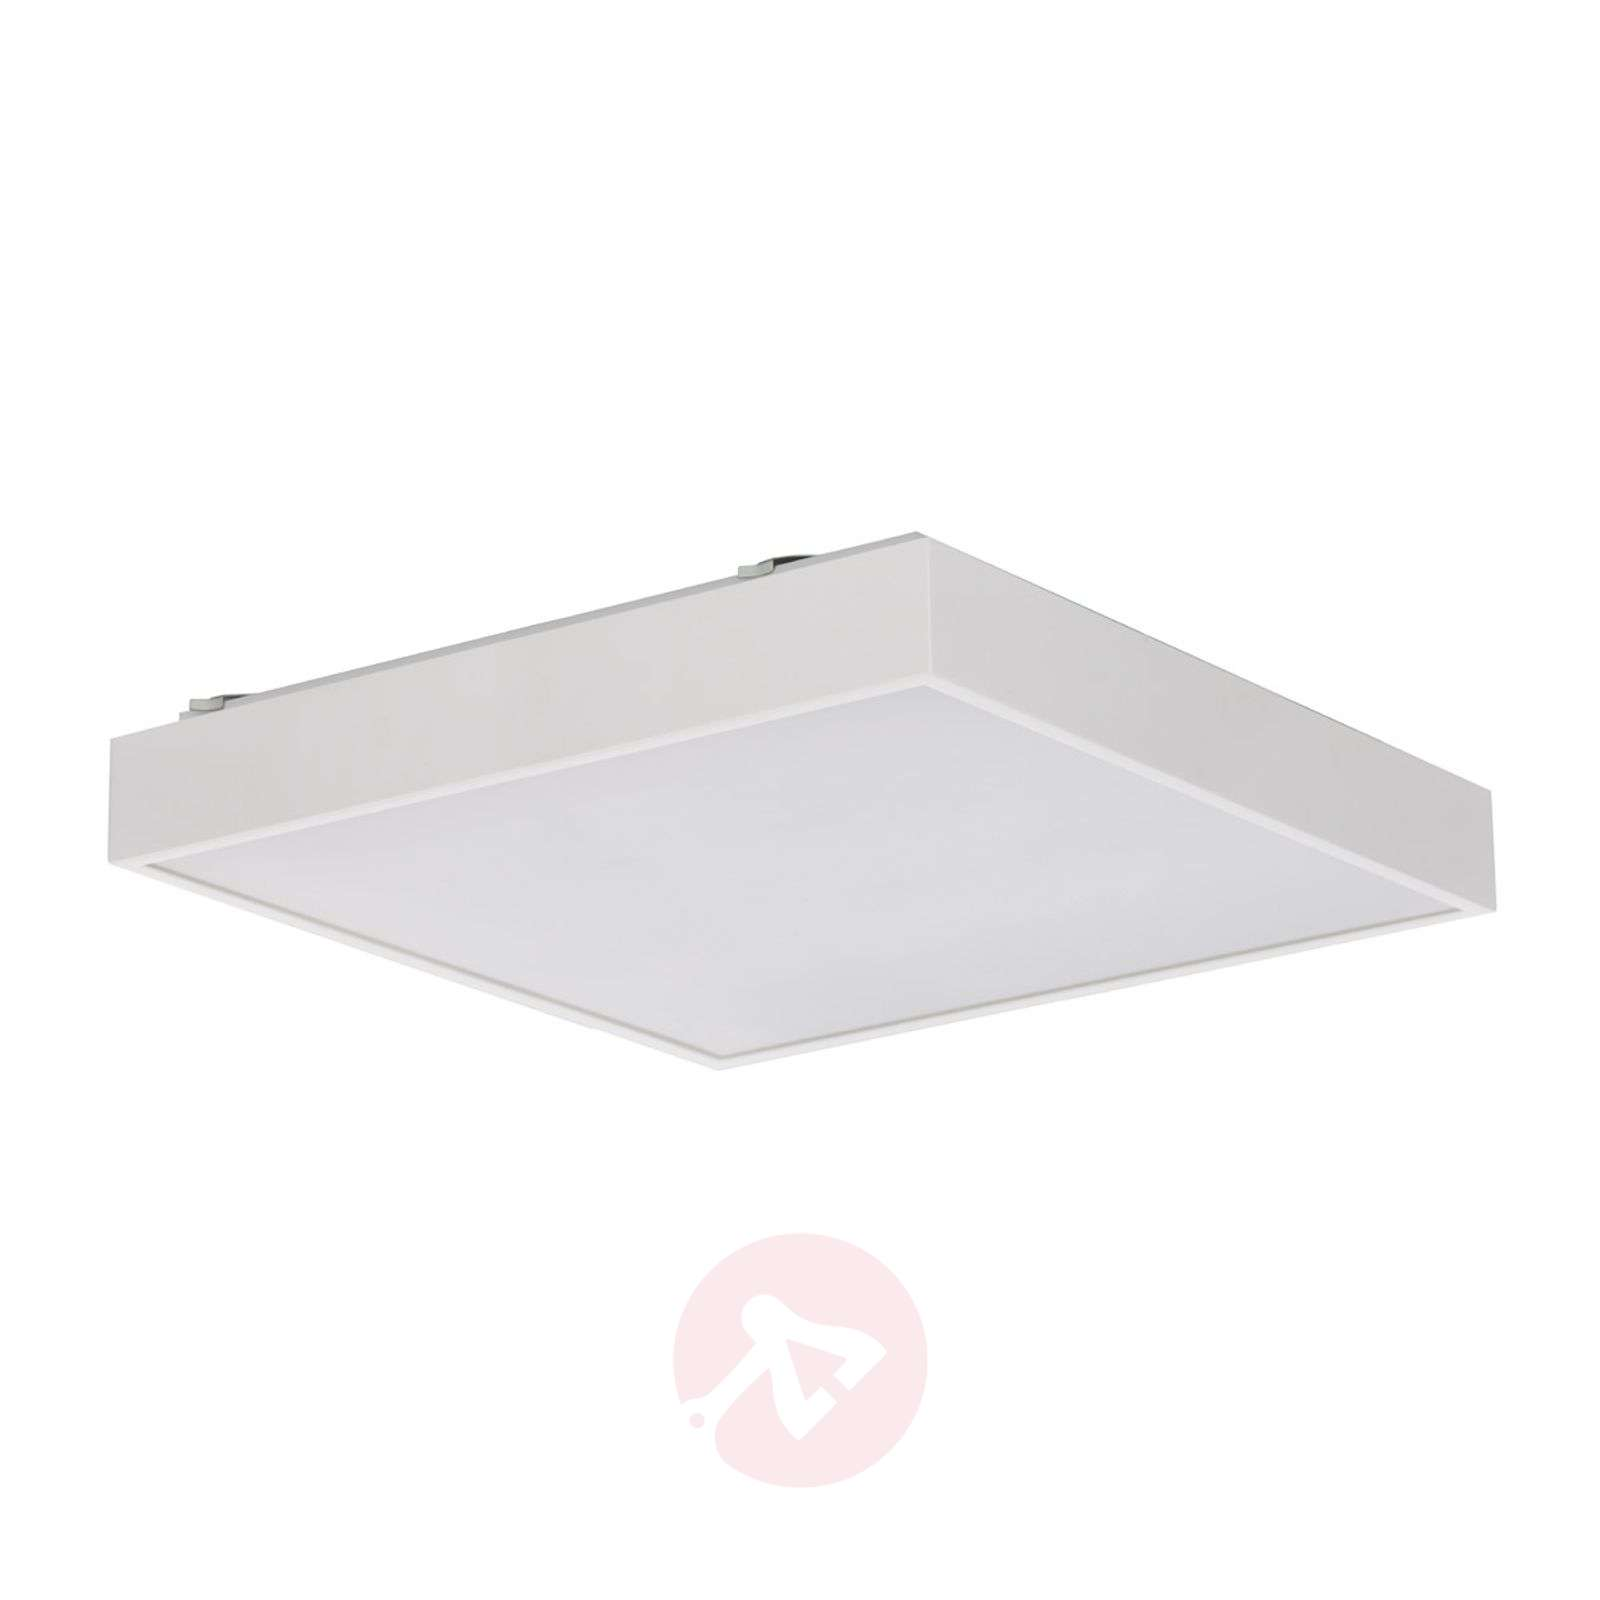 Neliskulmainen LED-kattovalaisin Q5, 2400lumenia-8025189X-01